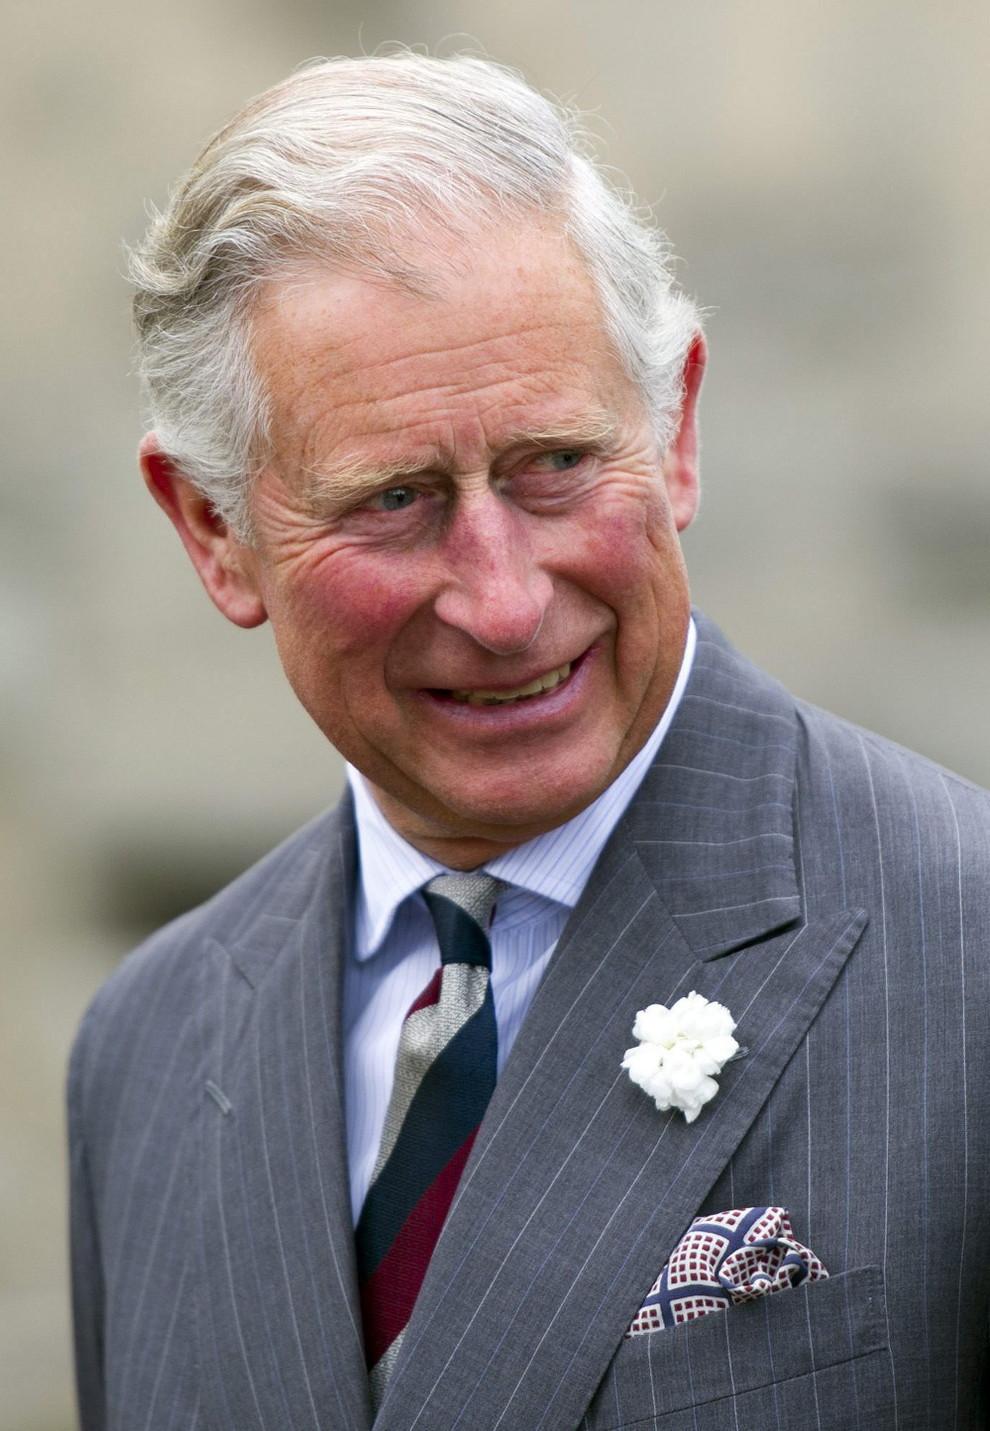 El Príncipe Carlos Llega A La Edad De La Jubilación Sin